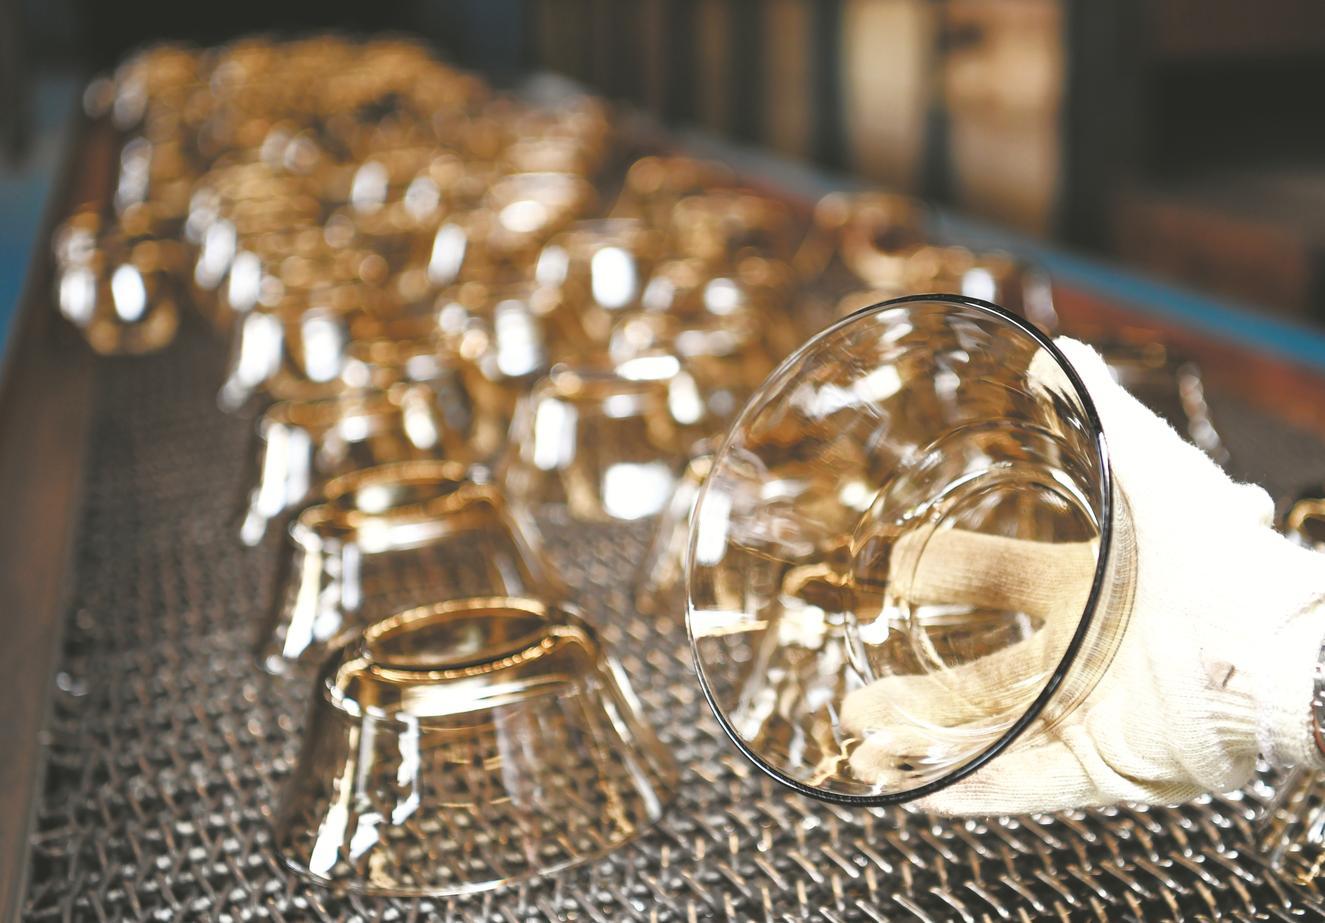 鳳陽德力日用玻璃股份有限公司生産的高端玻璃碗行銷海外